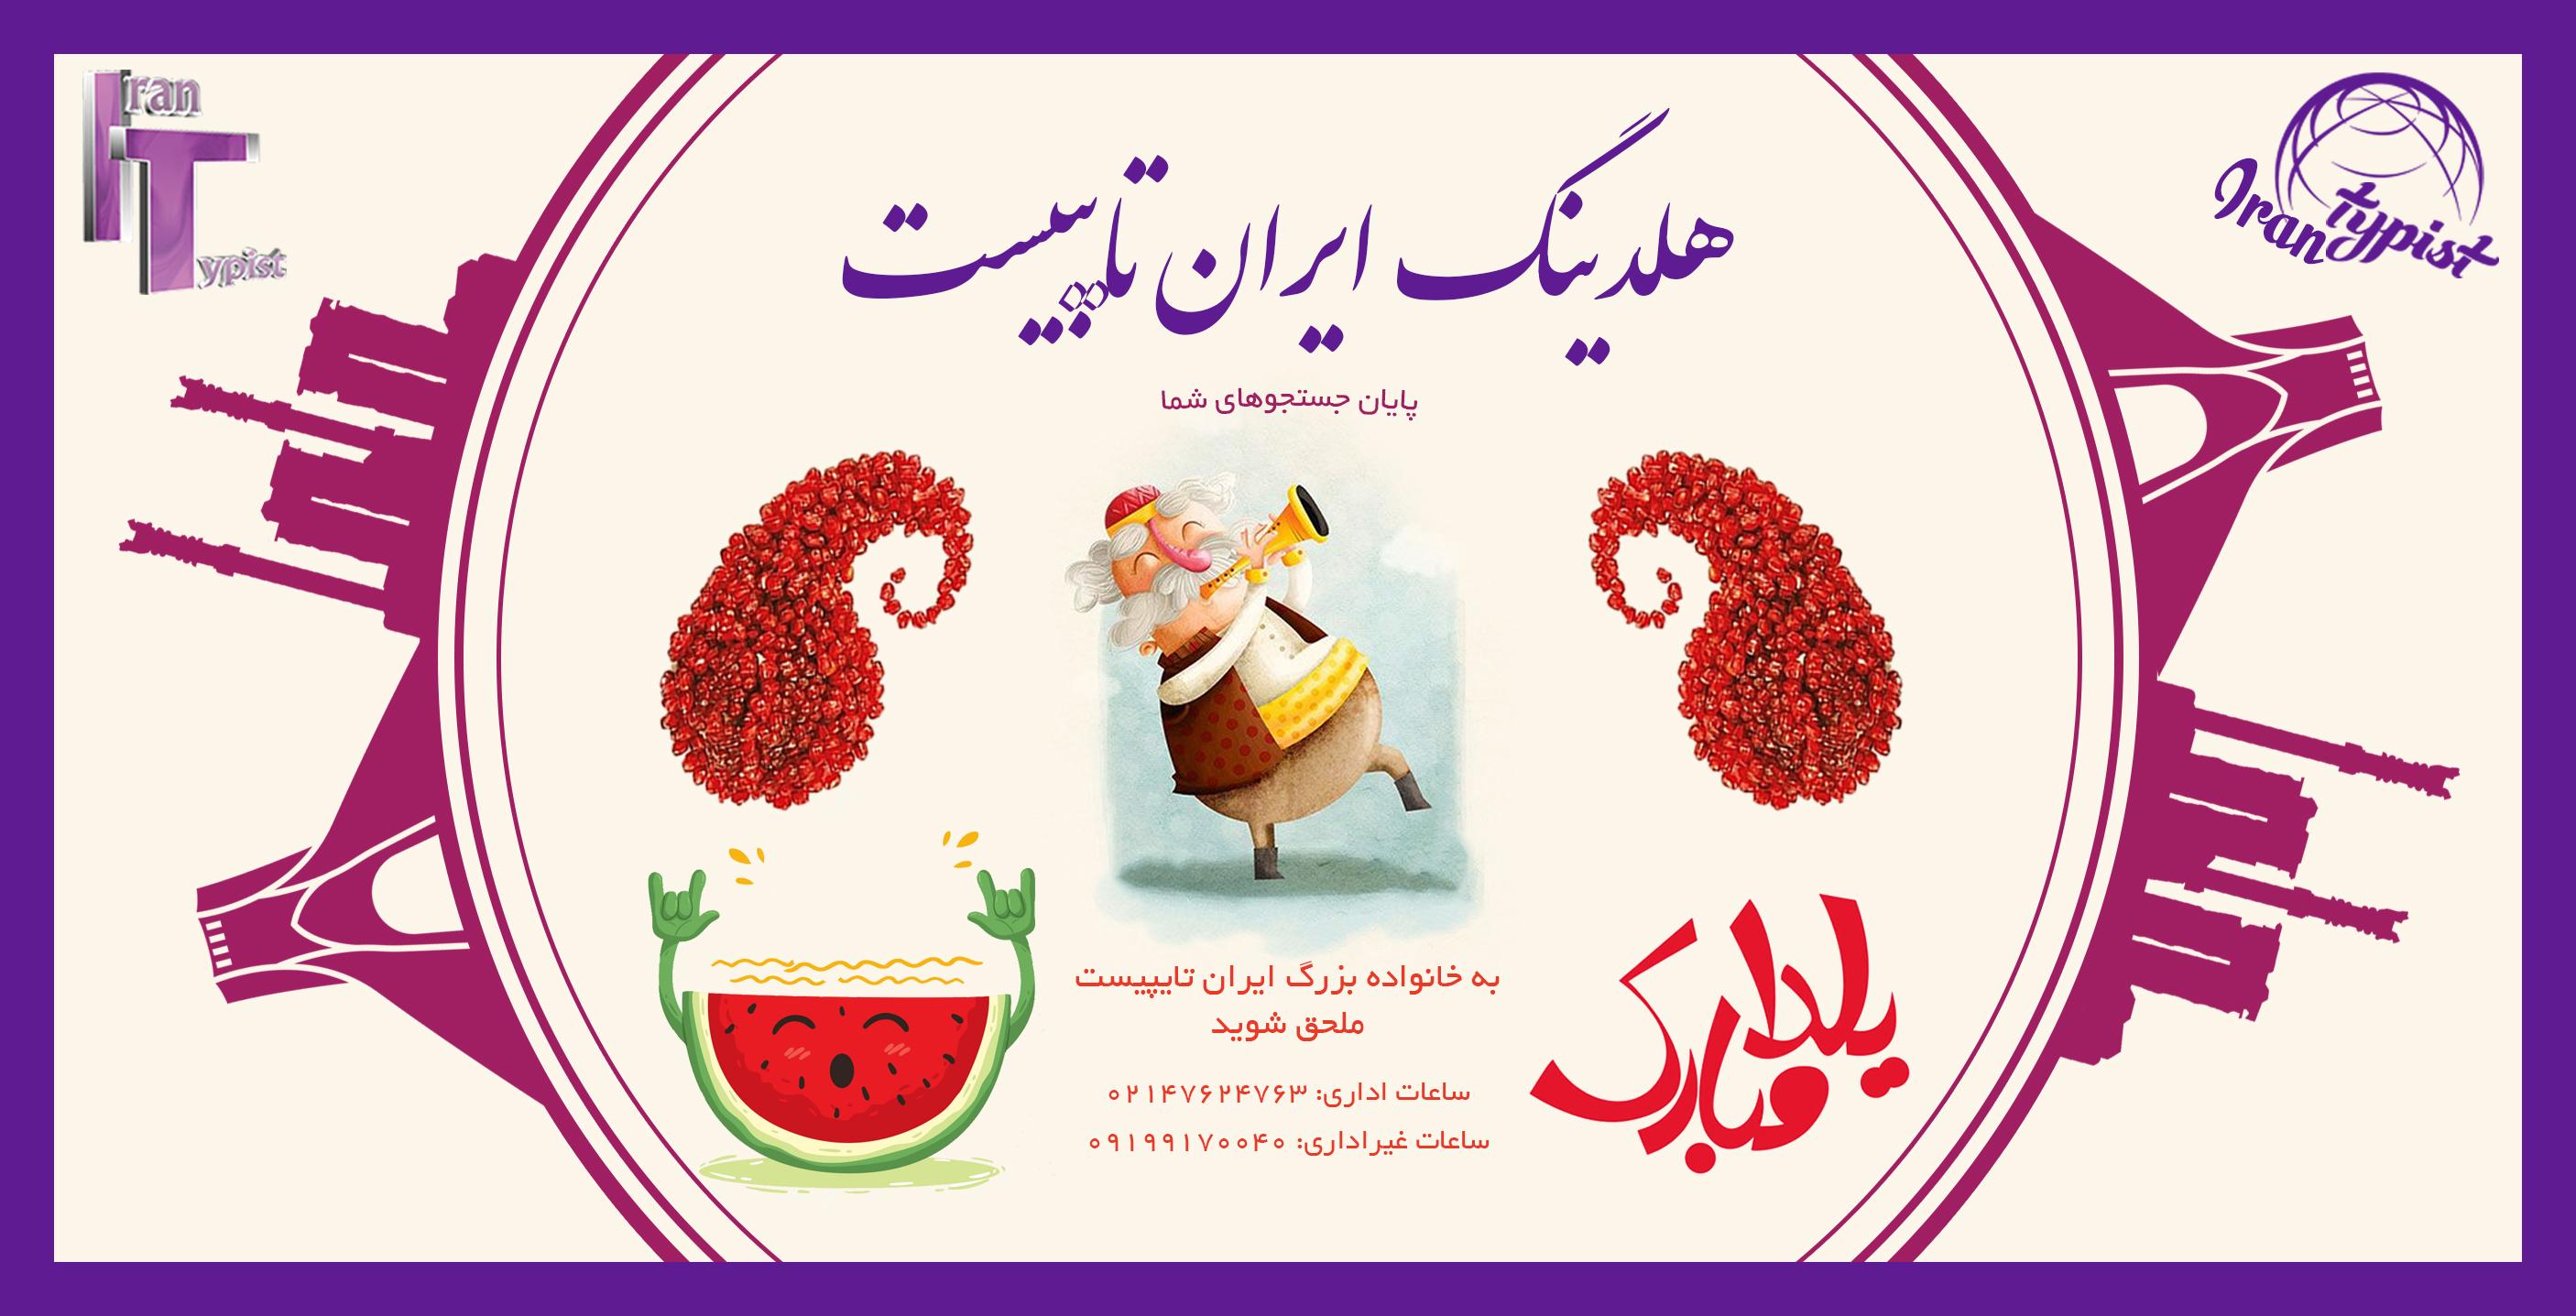 یلدا 97 ایران تایپیست